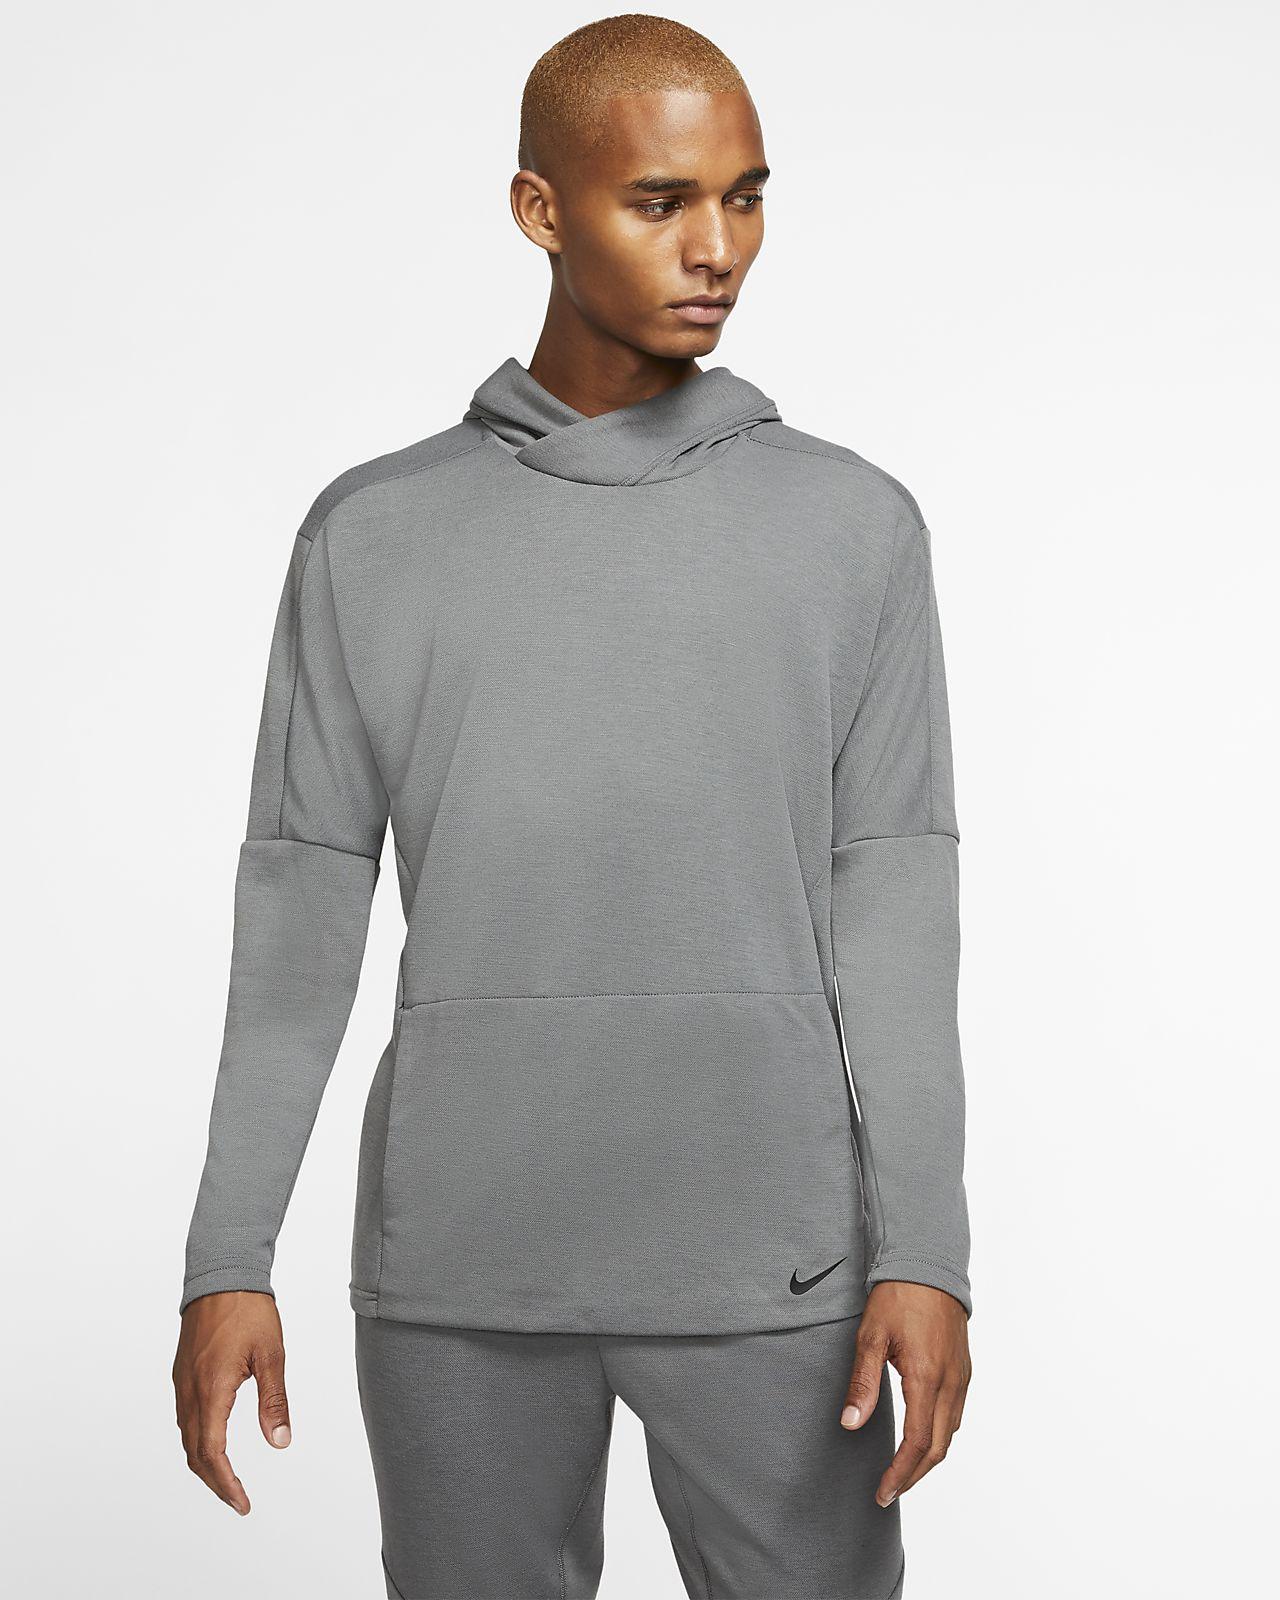 Hoodie pullover Nike Yoga Dri FIT para homem